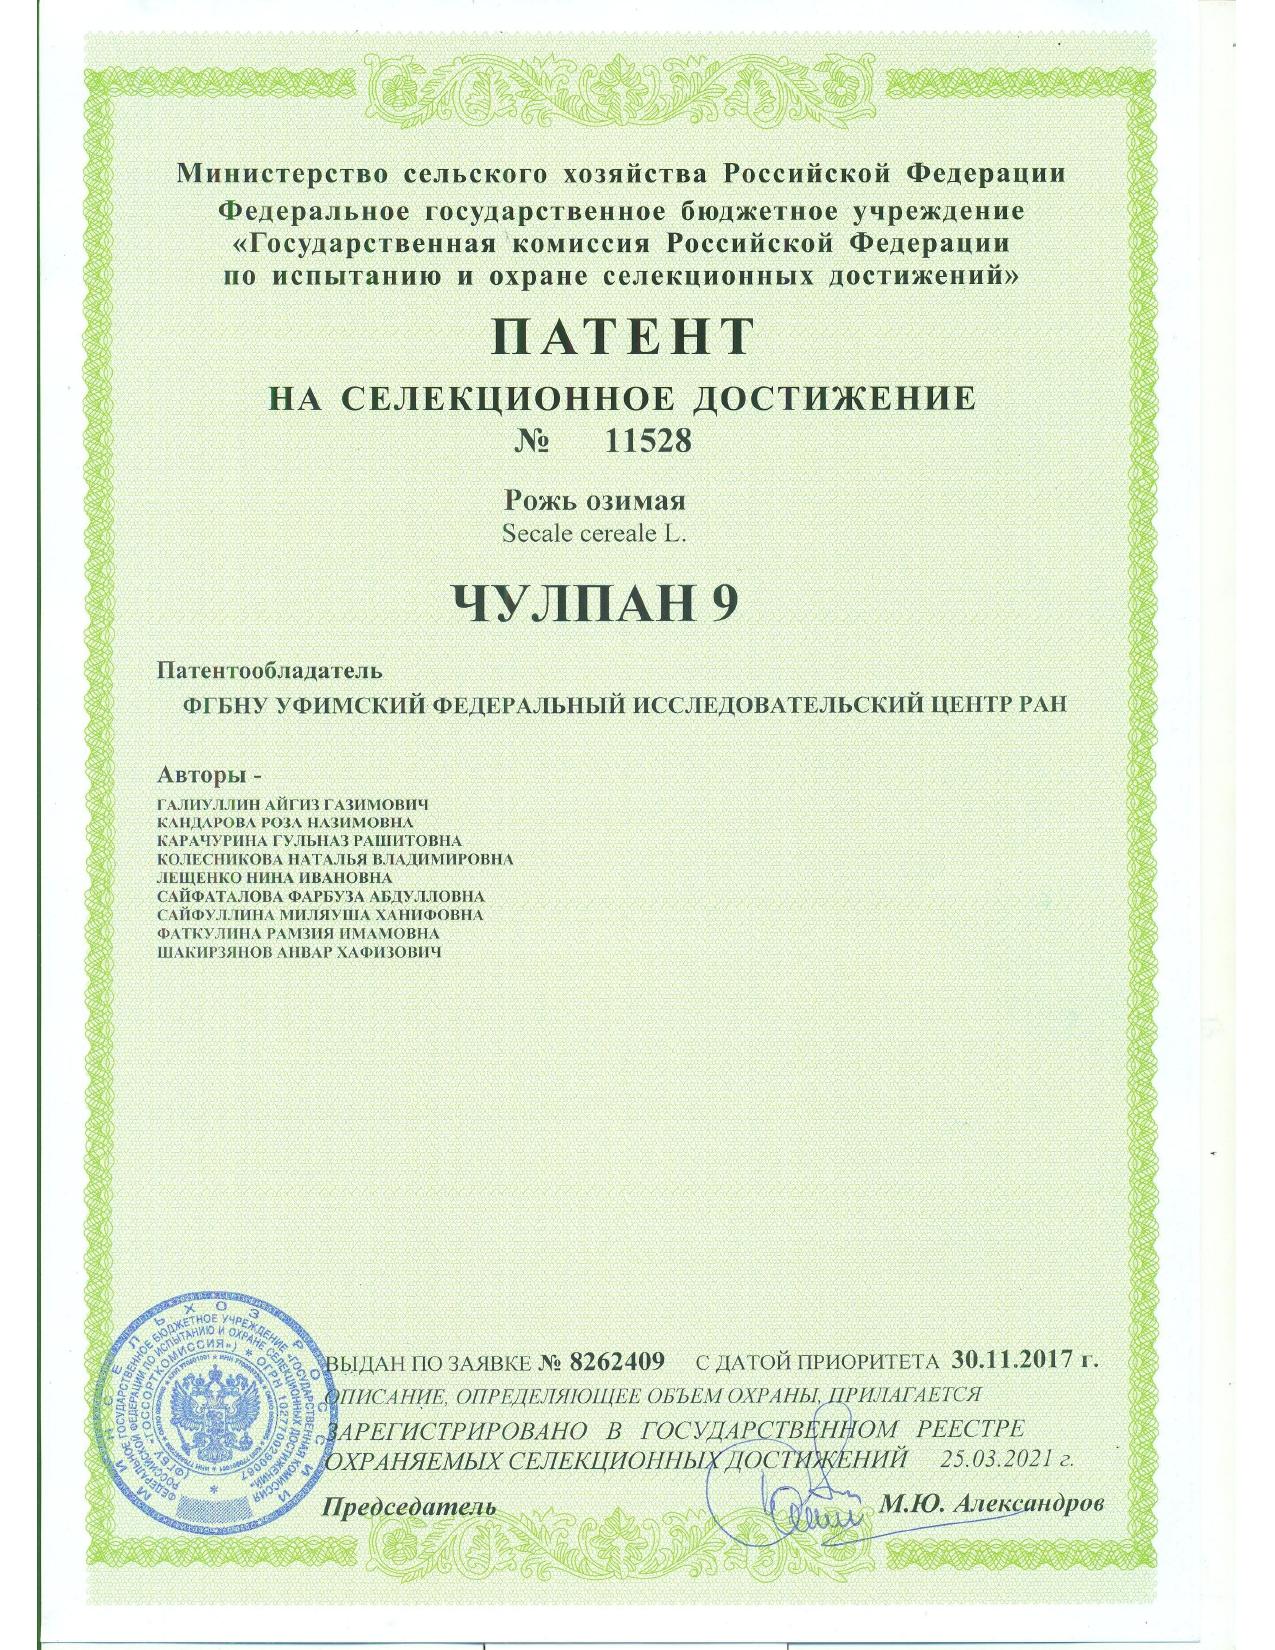 Получен патент на селекционное достижение на новый высокопродуктивный сорт озимой ржи Чулпан 9 селекции Башкирского НИИСХ УФИЦ РАН